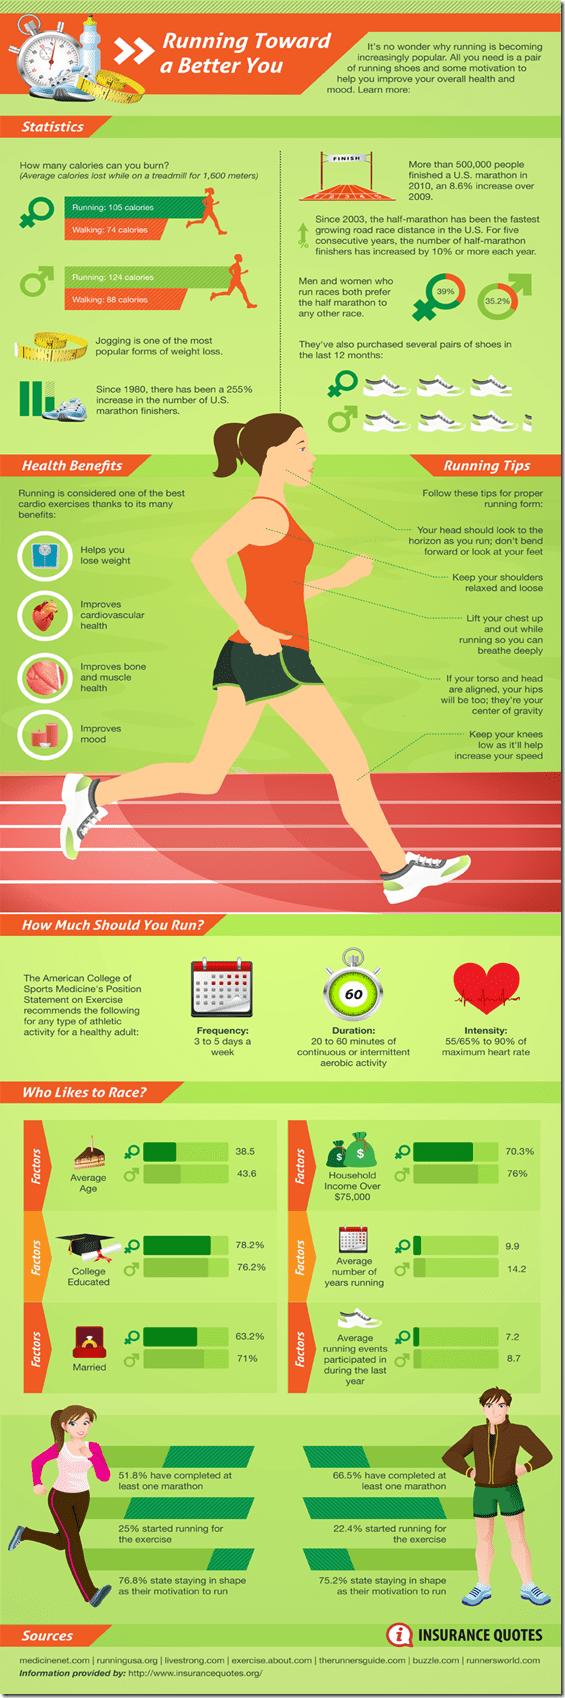 Running-Toward-Better-You-800